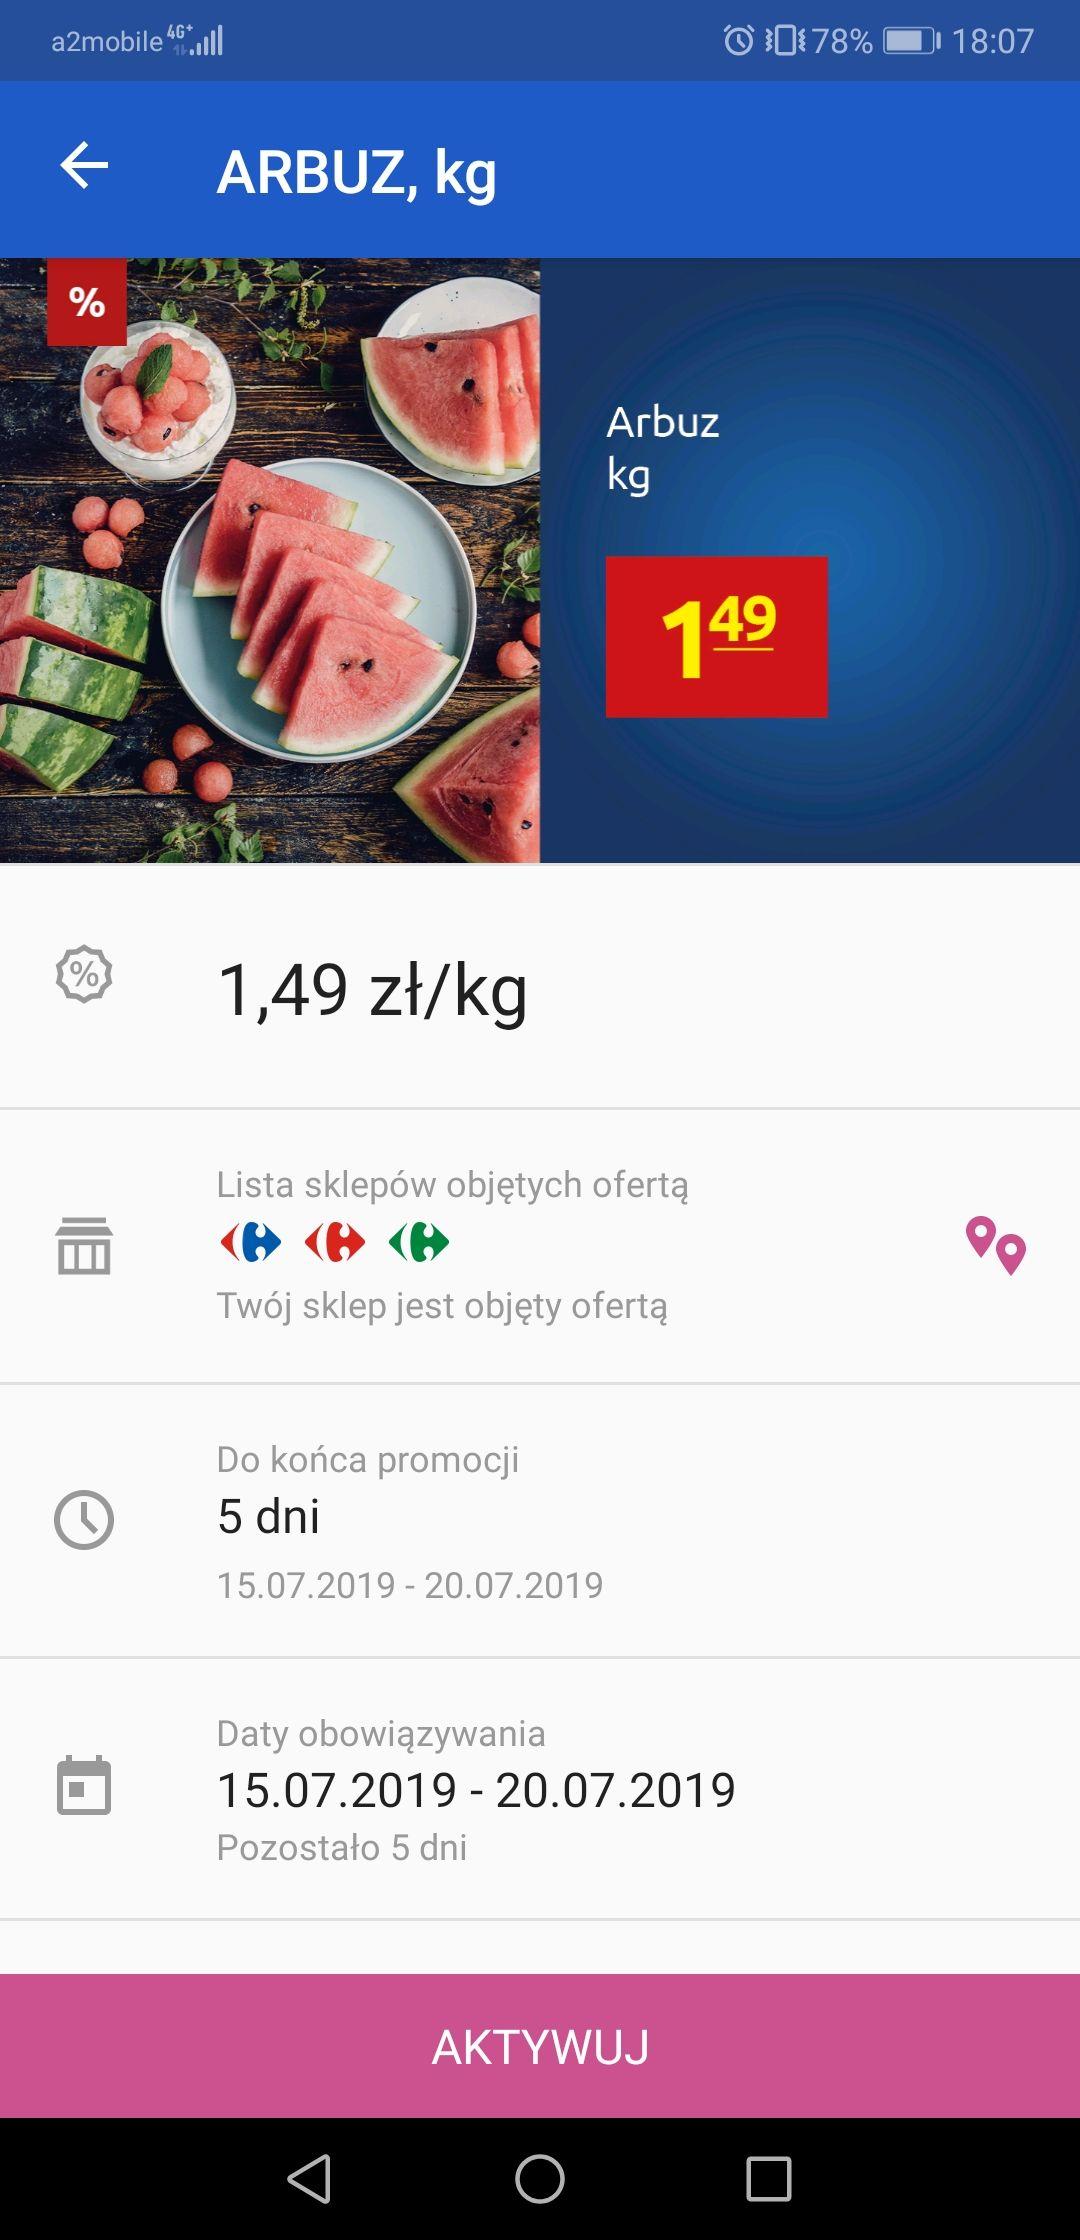 Arbuz 1.49zł/kg z kuponem w aplikacji Carrefour